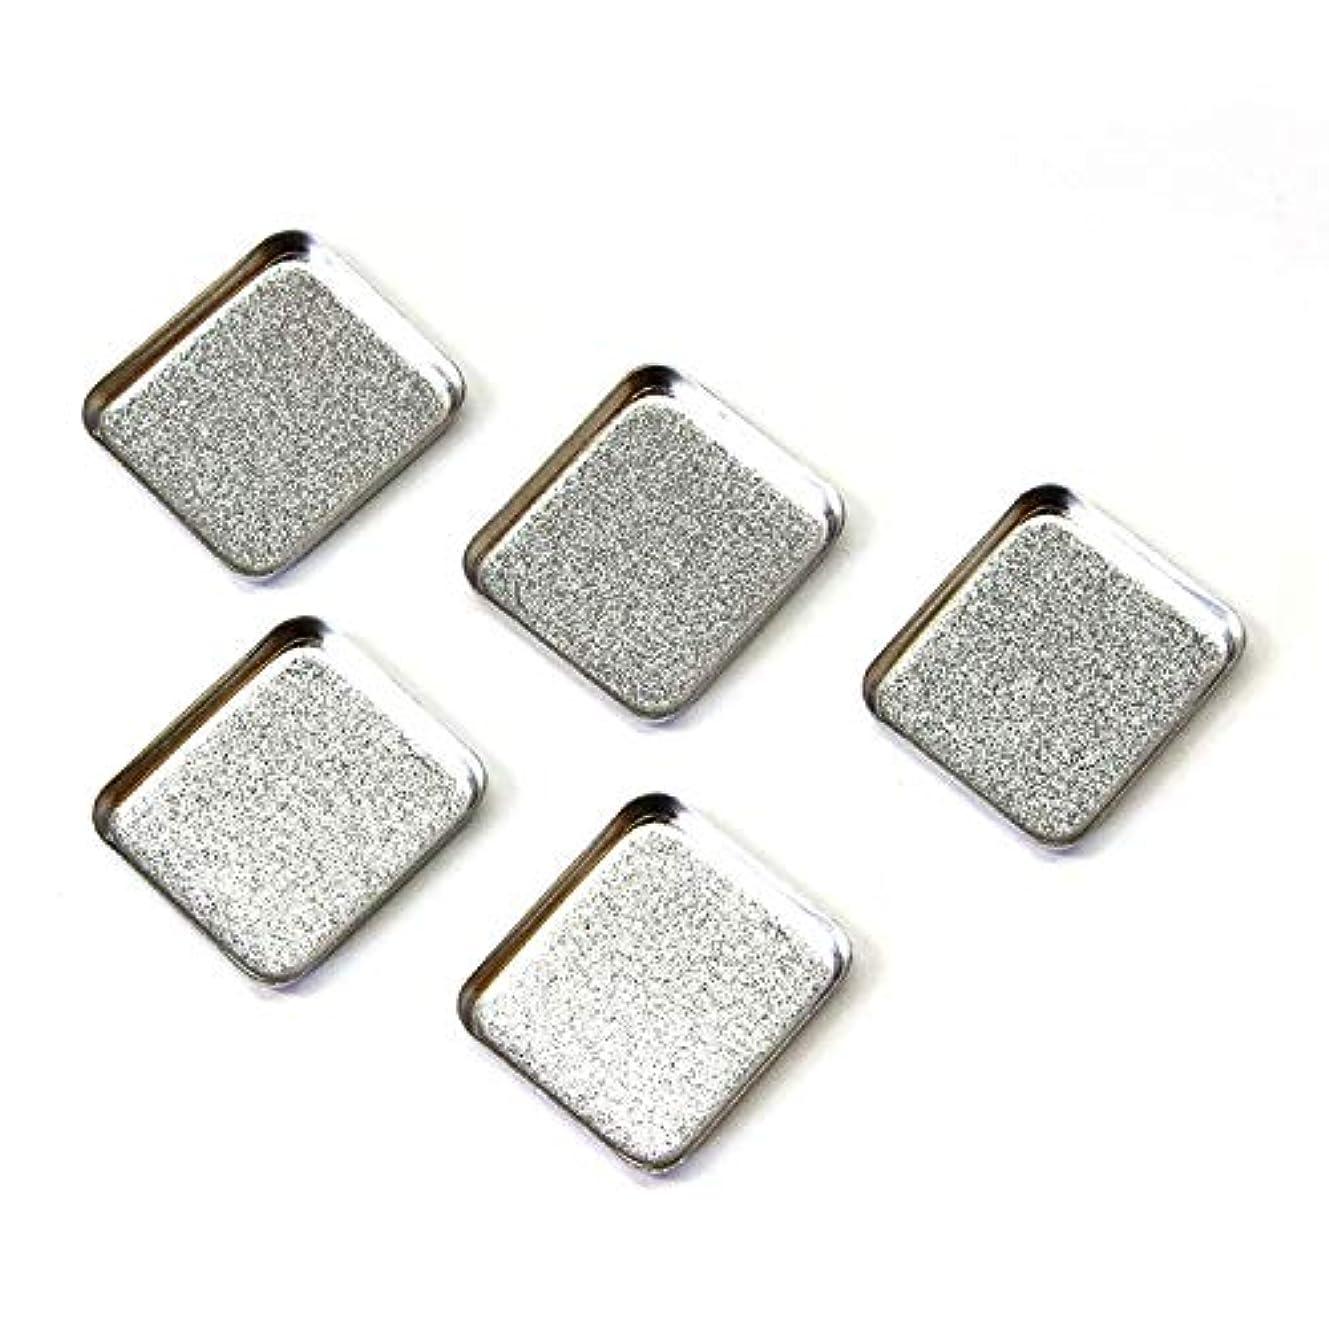 手作りアイシャドウパレット用 角型金皿 5枚セット (メイク用)